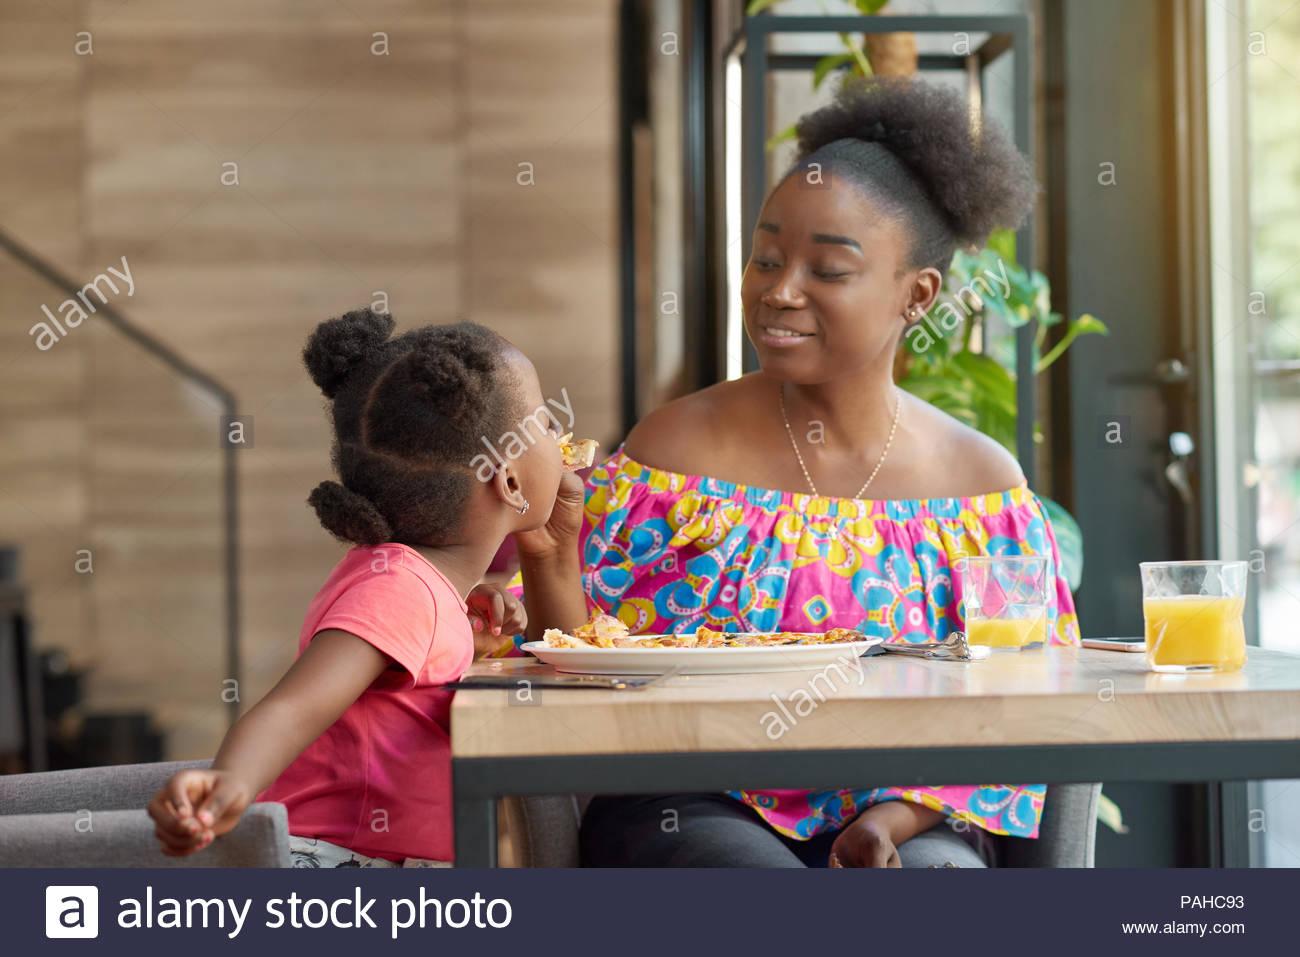 Smiling mother enfant alimentation délicieuse pizza assis dans les cafés. Heureux, avoir la bonne humeur, merveilleux temps ensemble, belle famille. Les autres clients assis dans le café. Intérieur Loft. Photo Stock